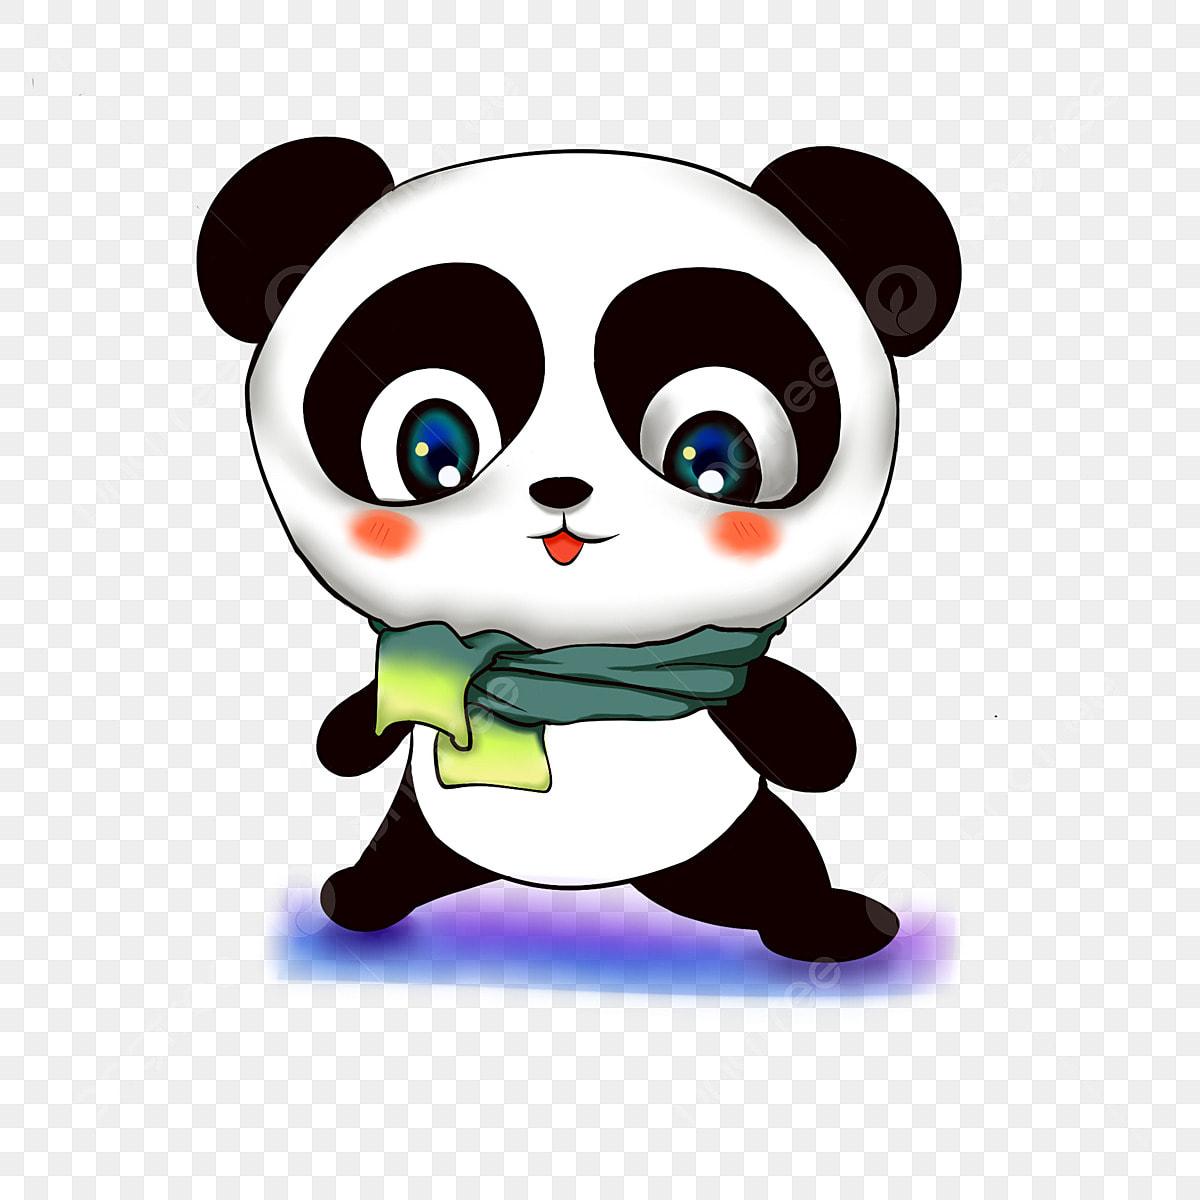 Kartun Imej Haiwan Panda Comel Kecil Comel Imej Haiwan